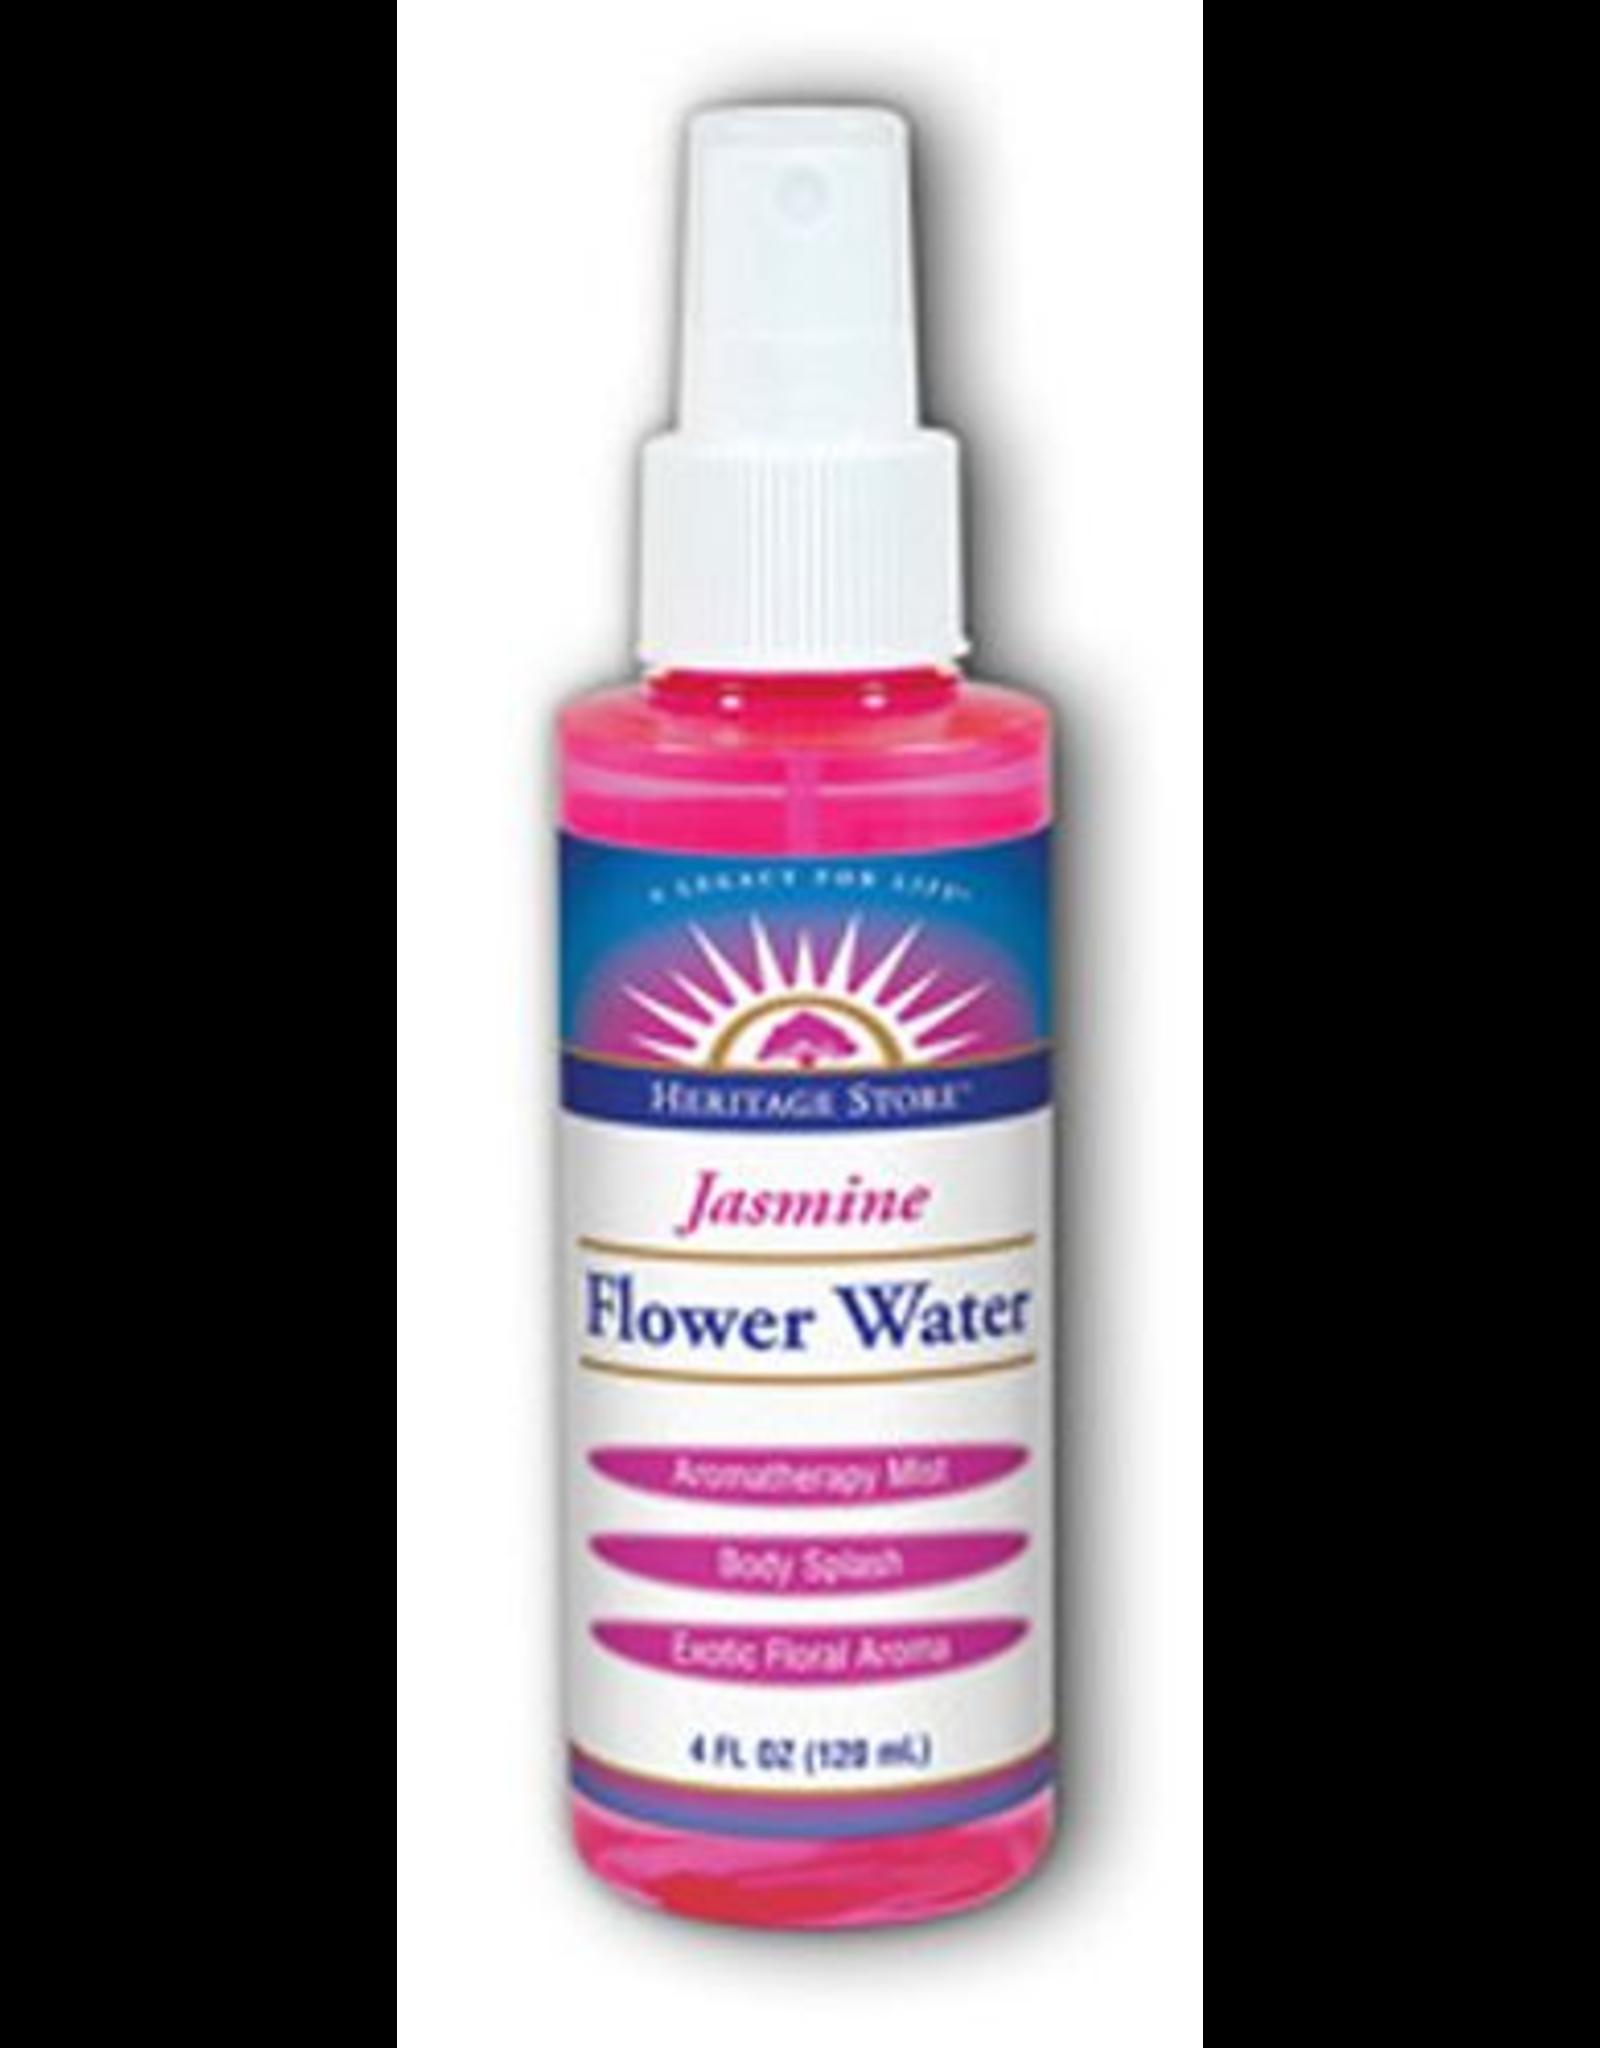 Flower Water - Jasmine